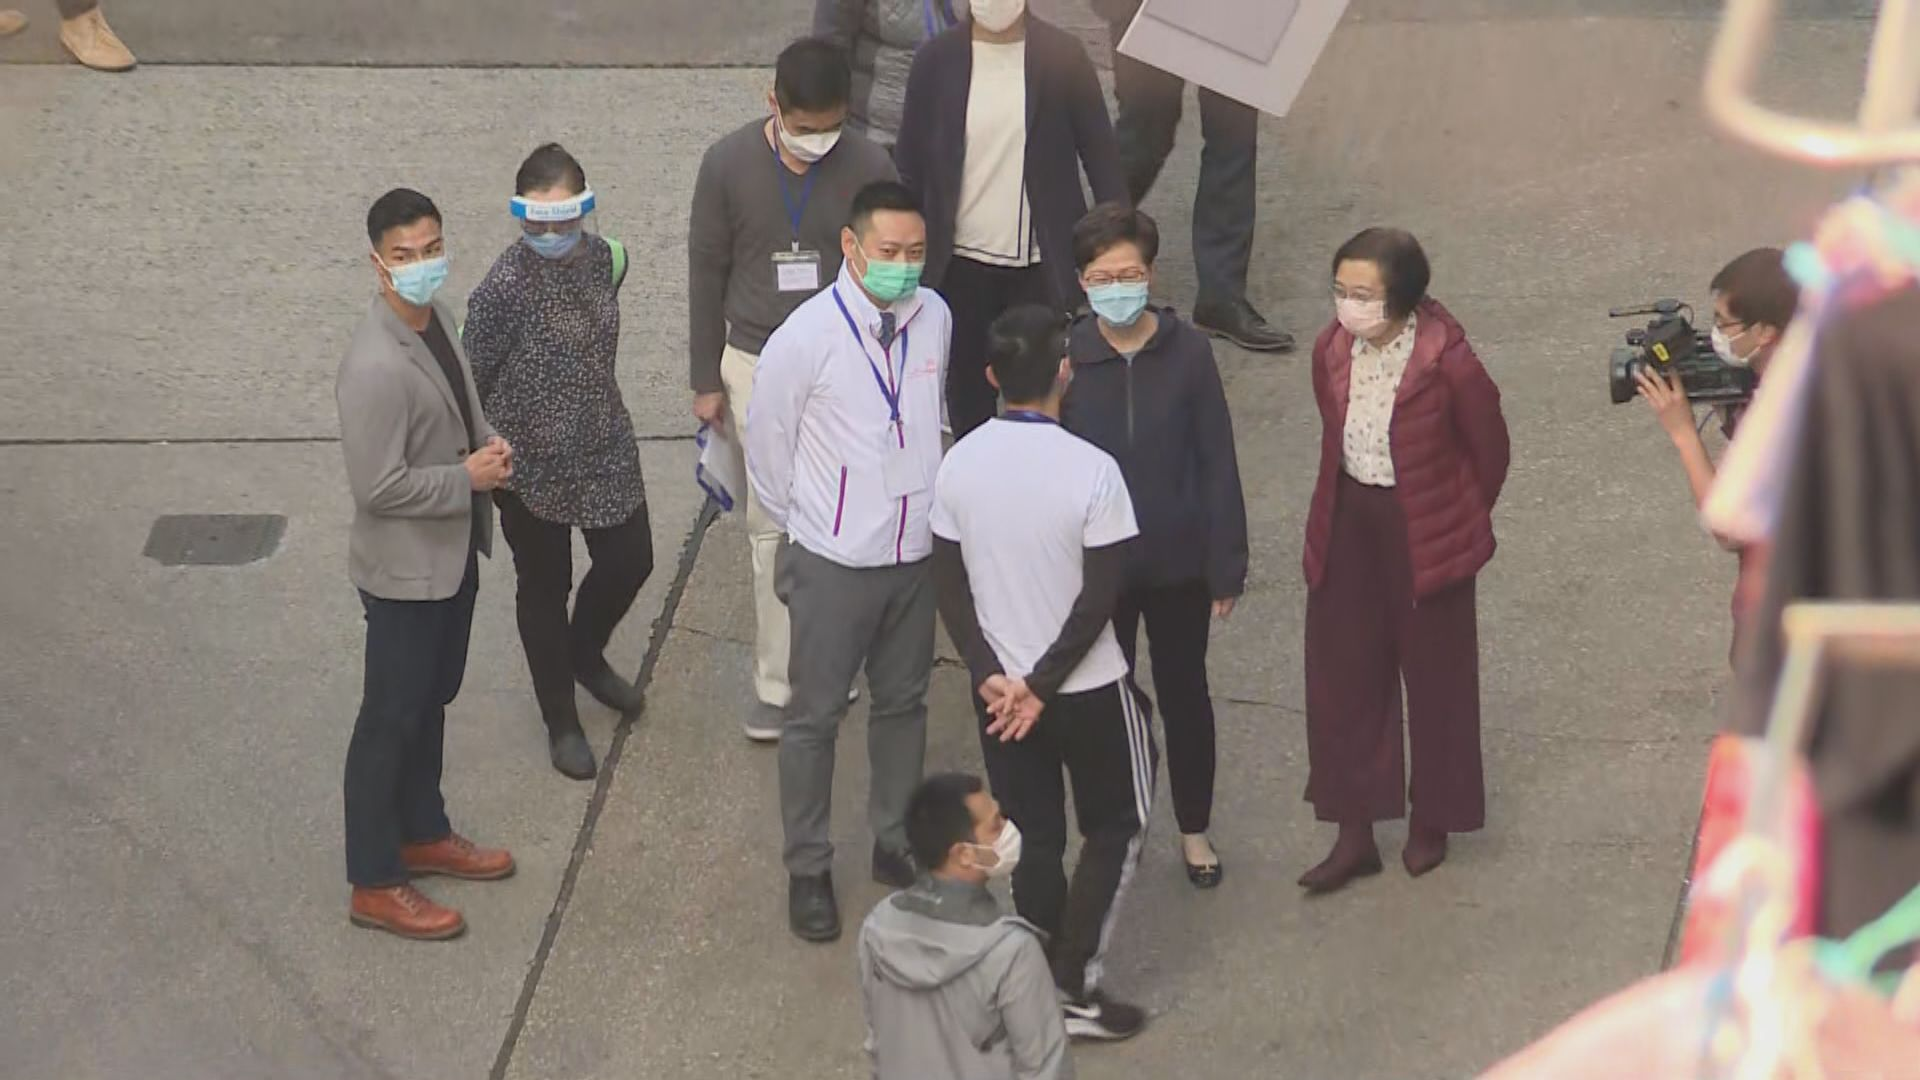 林鄭月娥否認封區擾民 考慮下次提早公布細節